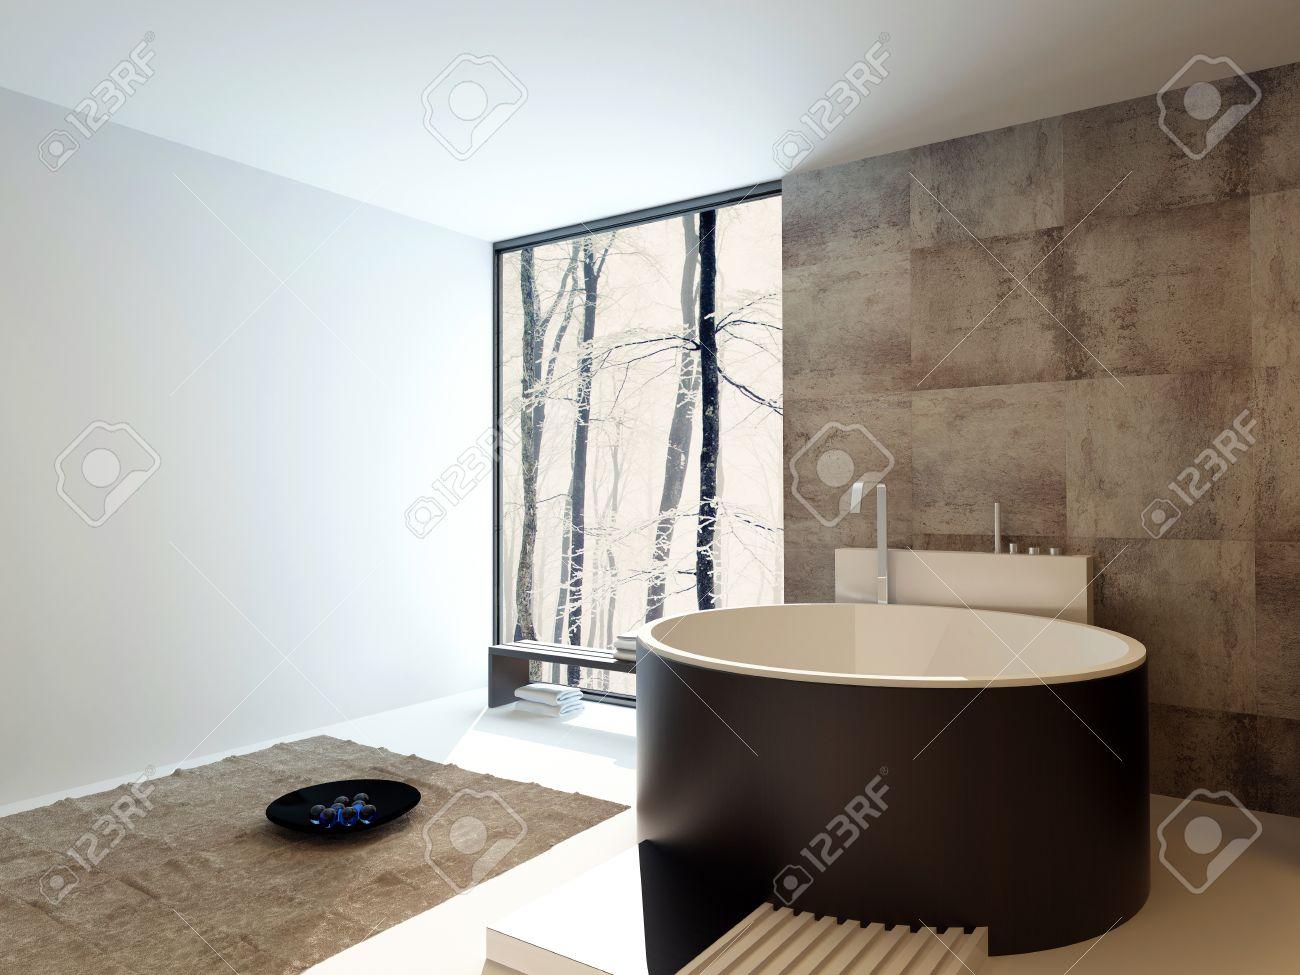 Hedendaags Design Luxe Badkamer Interieur Met Een Vrijstaande ...